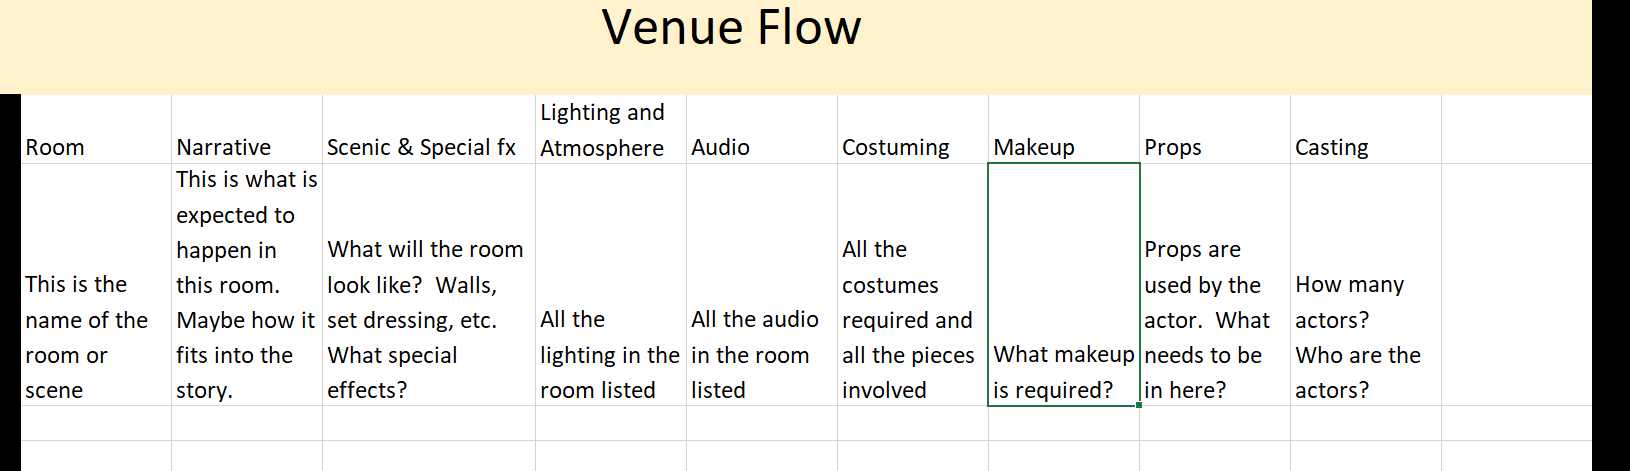 Name:  venue flow image.PNG Views: 58 Size:  43.8 KB